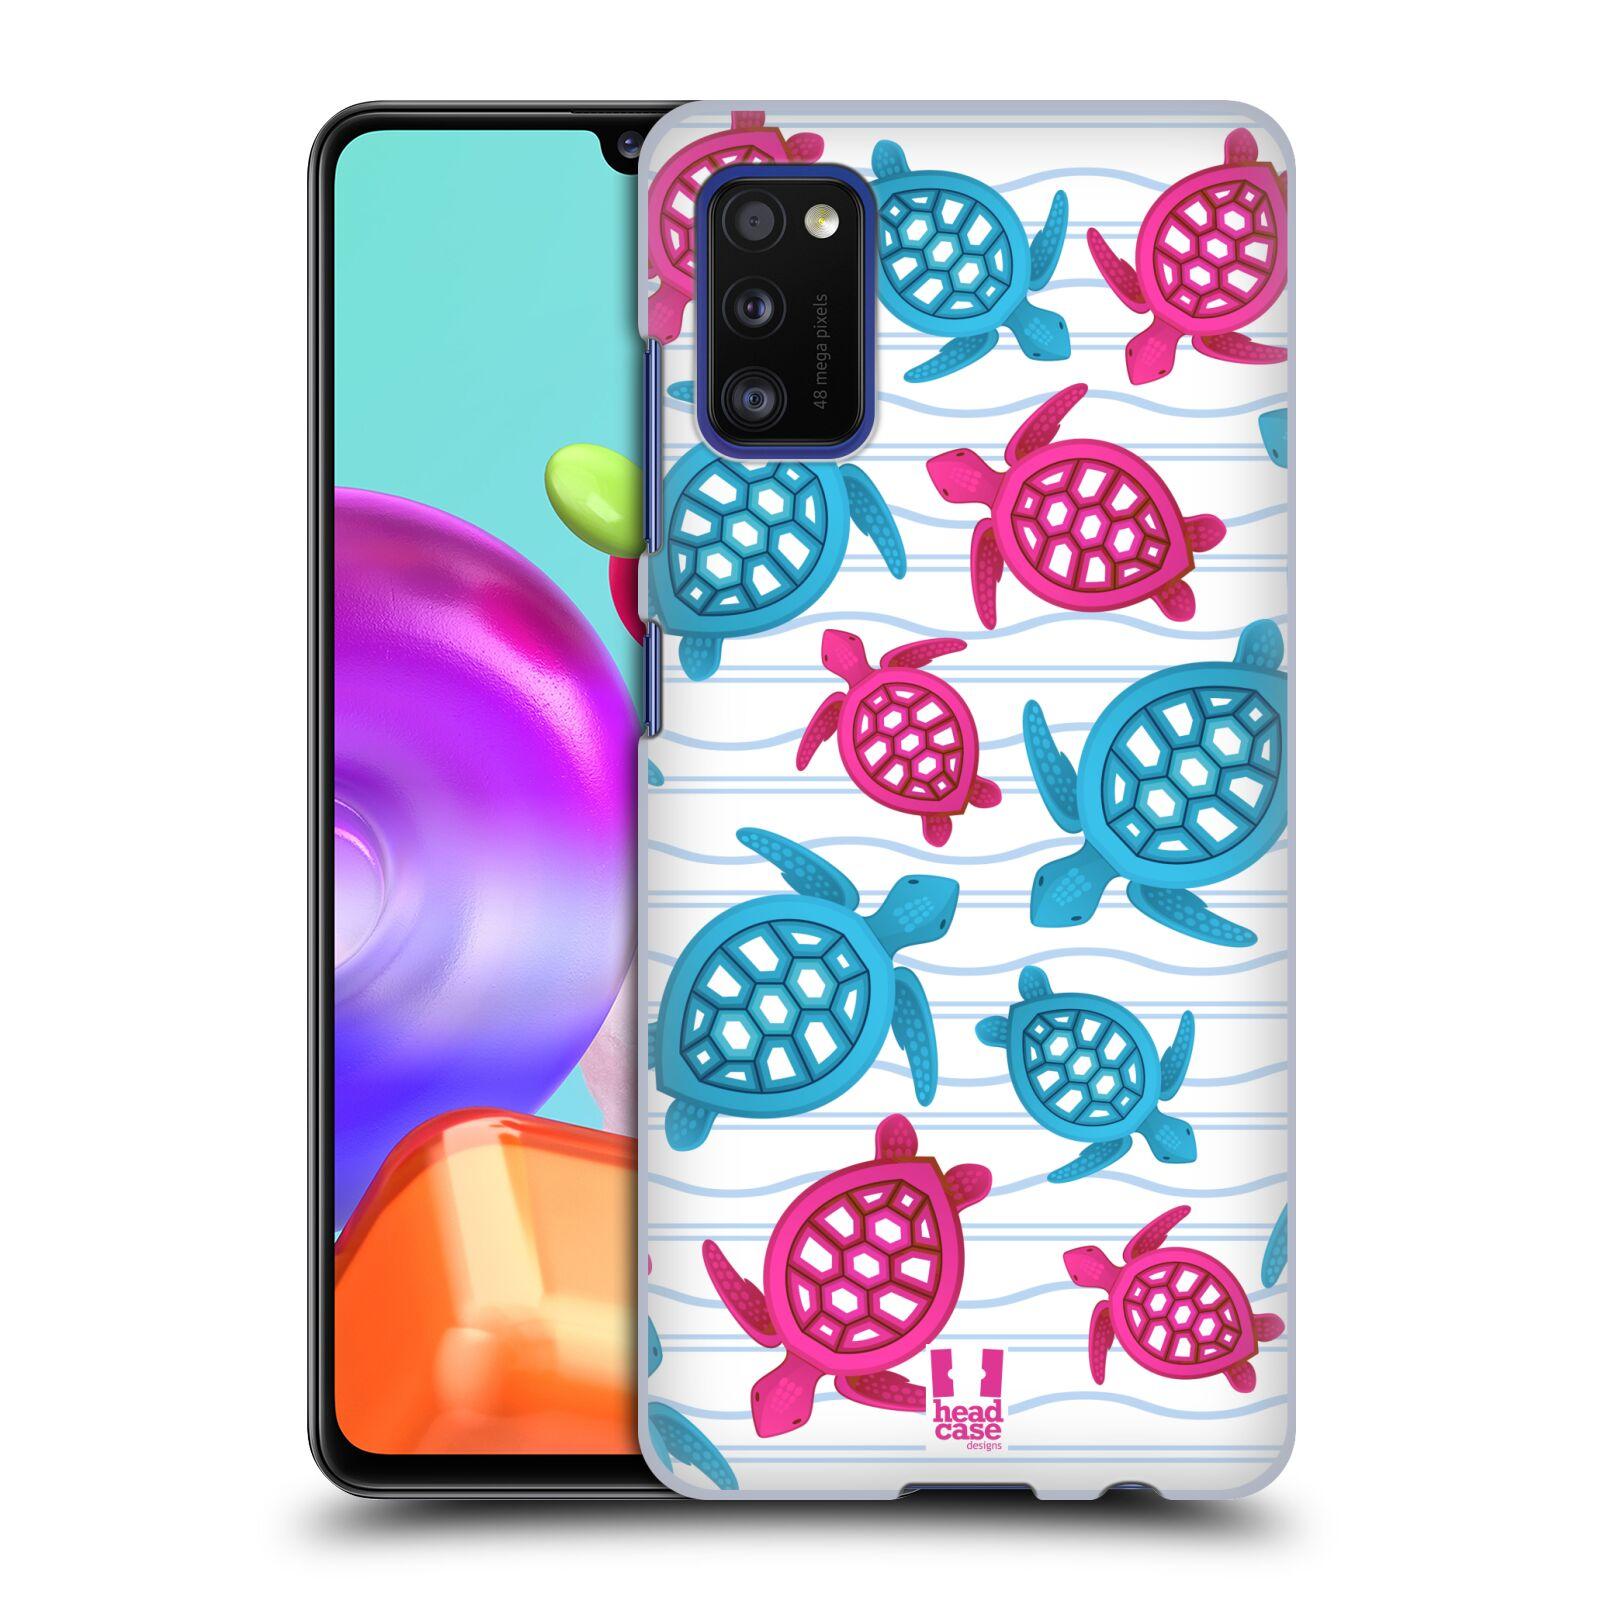 Zadní kryt na mobil Samsung Galaxy A41 vzor mořský živočich želva modrá a růžová